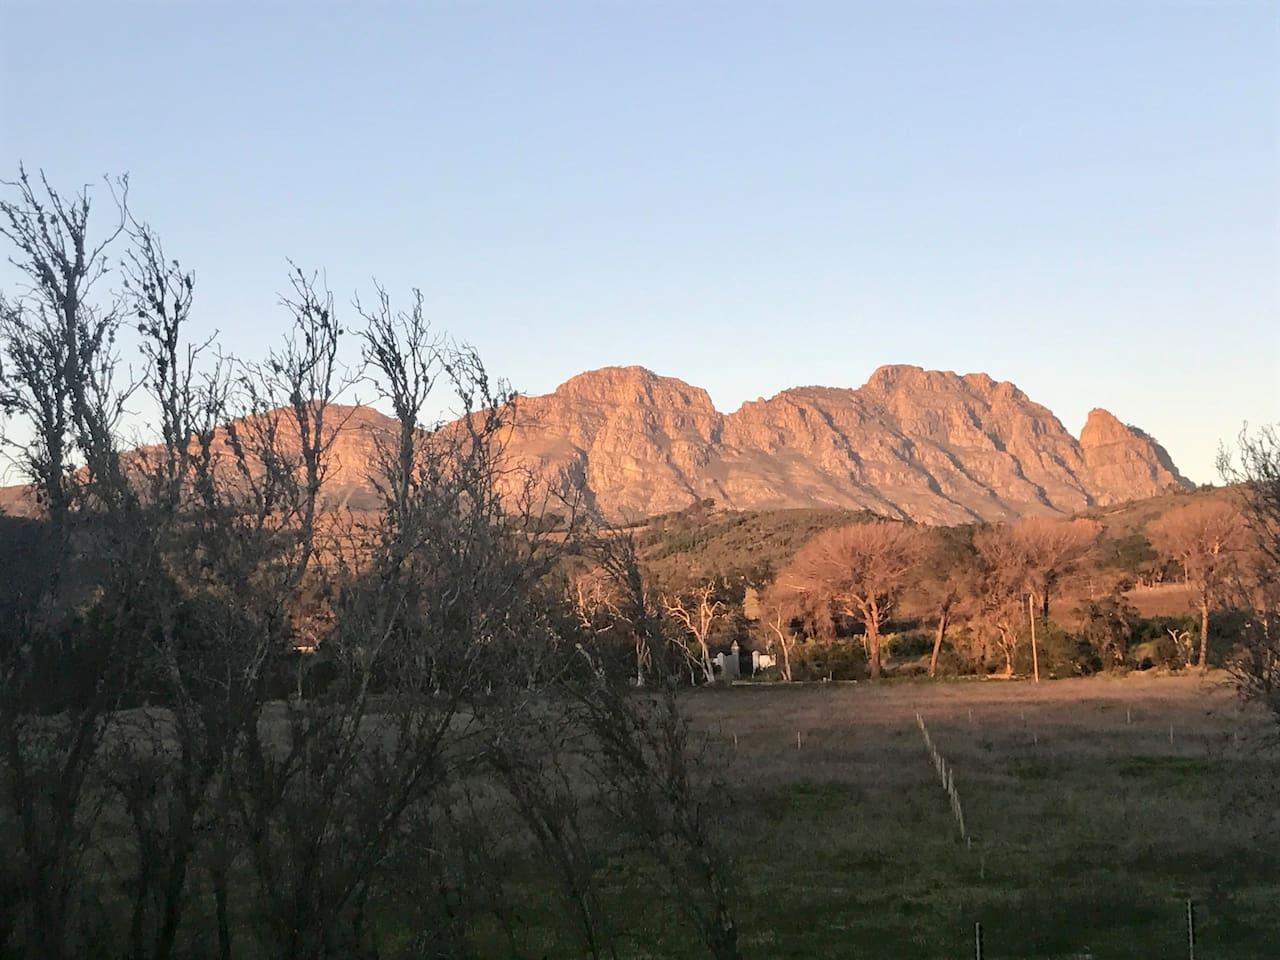 View of Simonsberg Mountain.